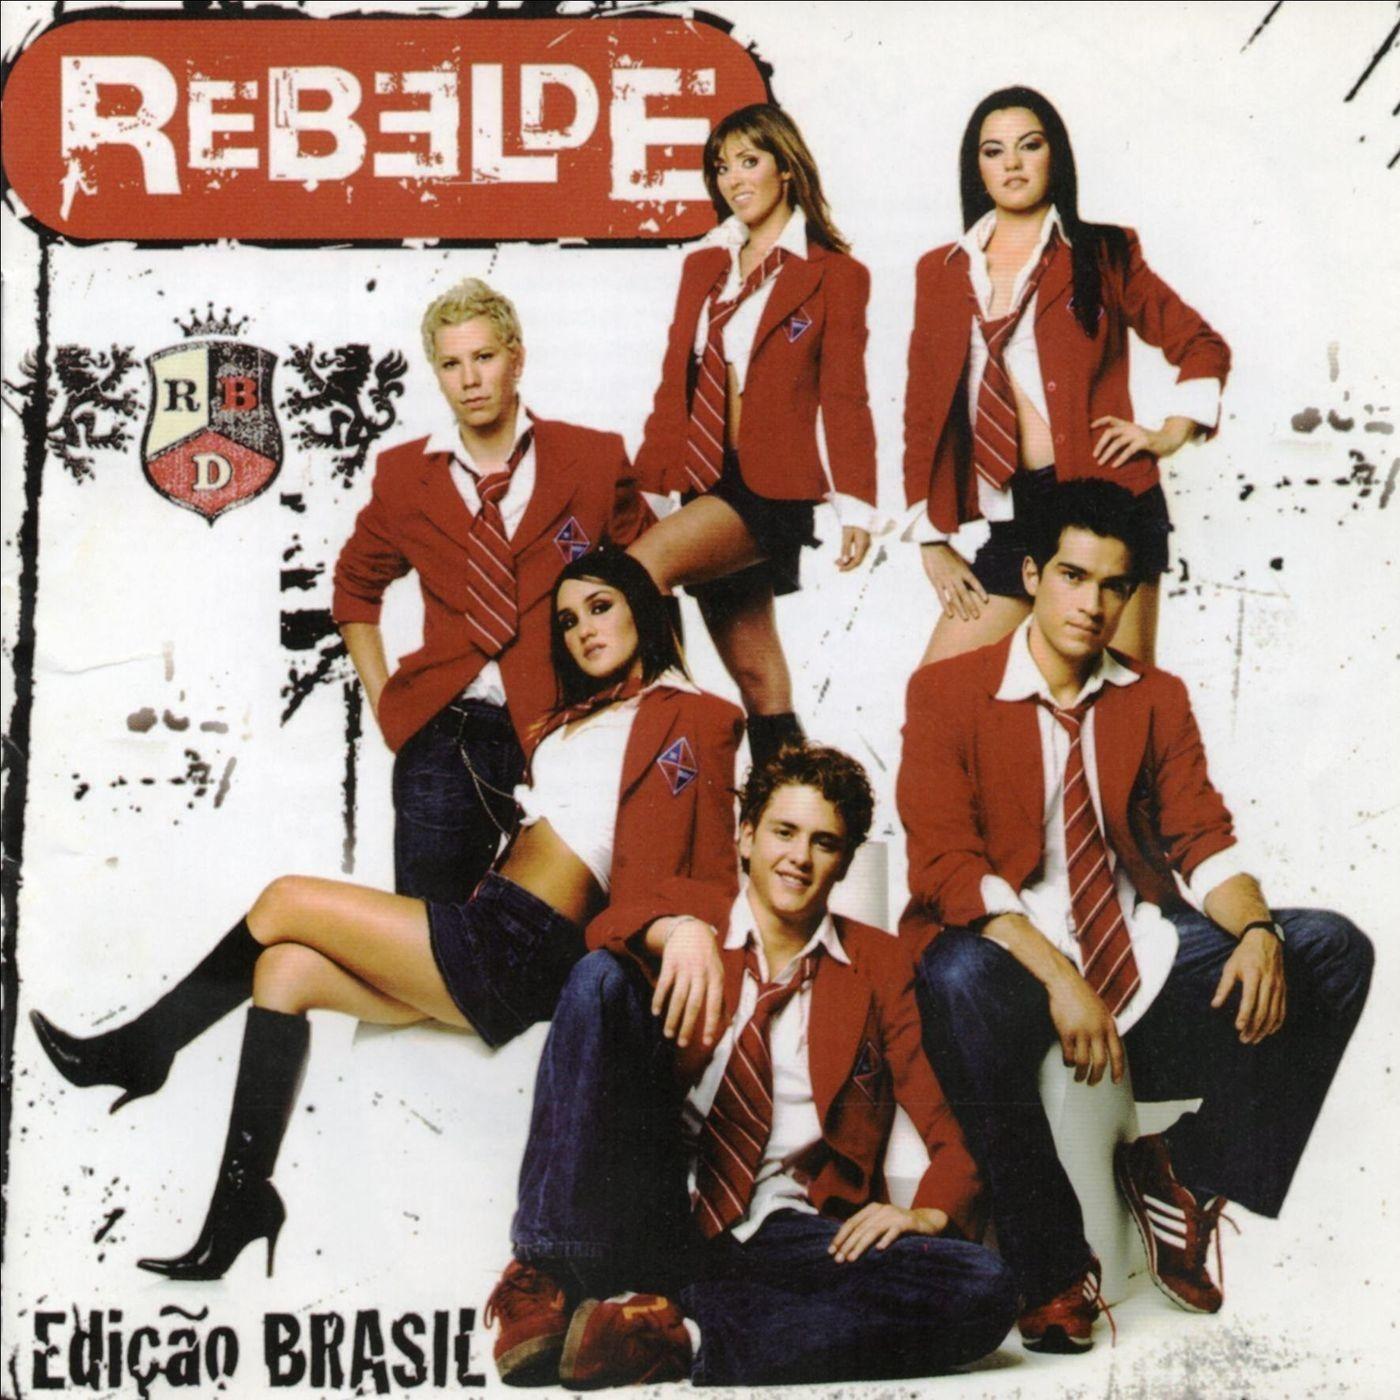 Rbd Album Edicao Brasil Com Imagens Rebelde Mexicano